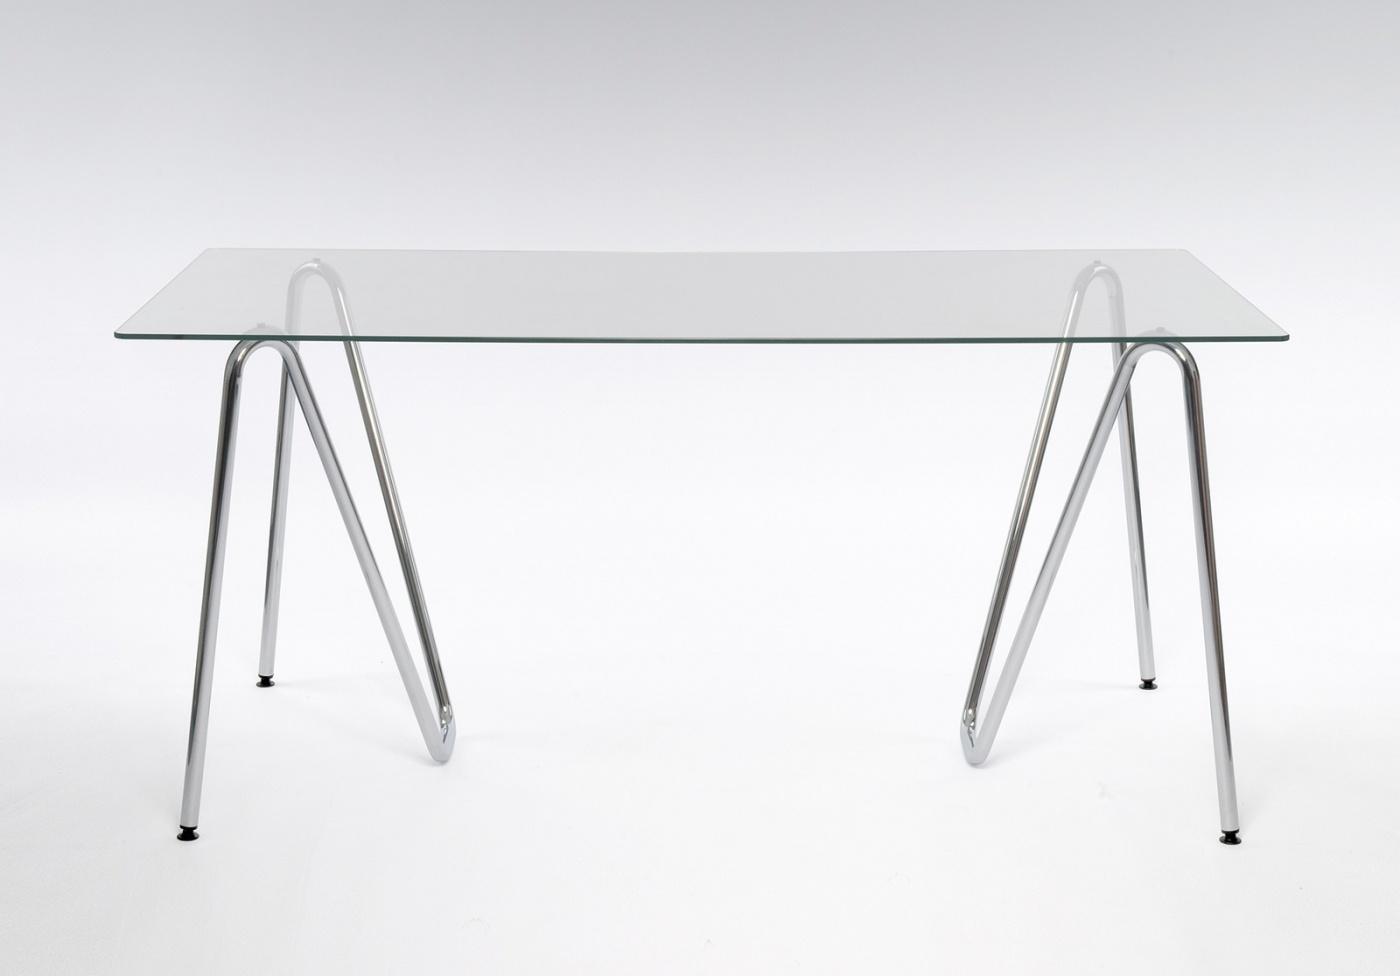 Tischbock Baumarkt tischbock sinus adus design designermöbel berlin massivholztische